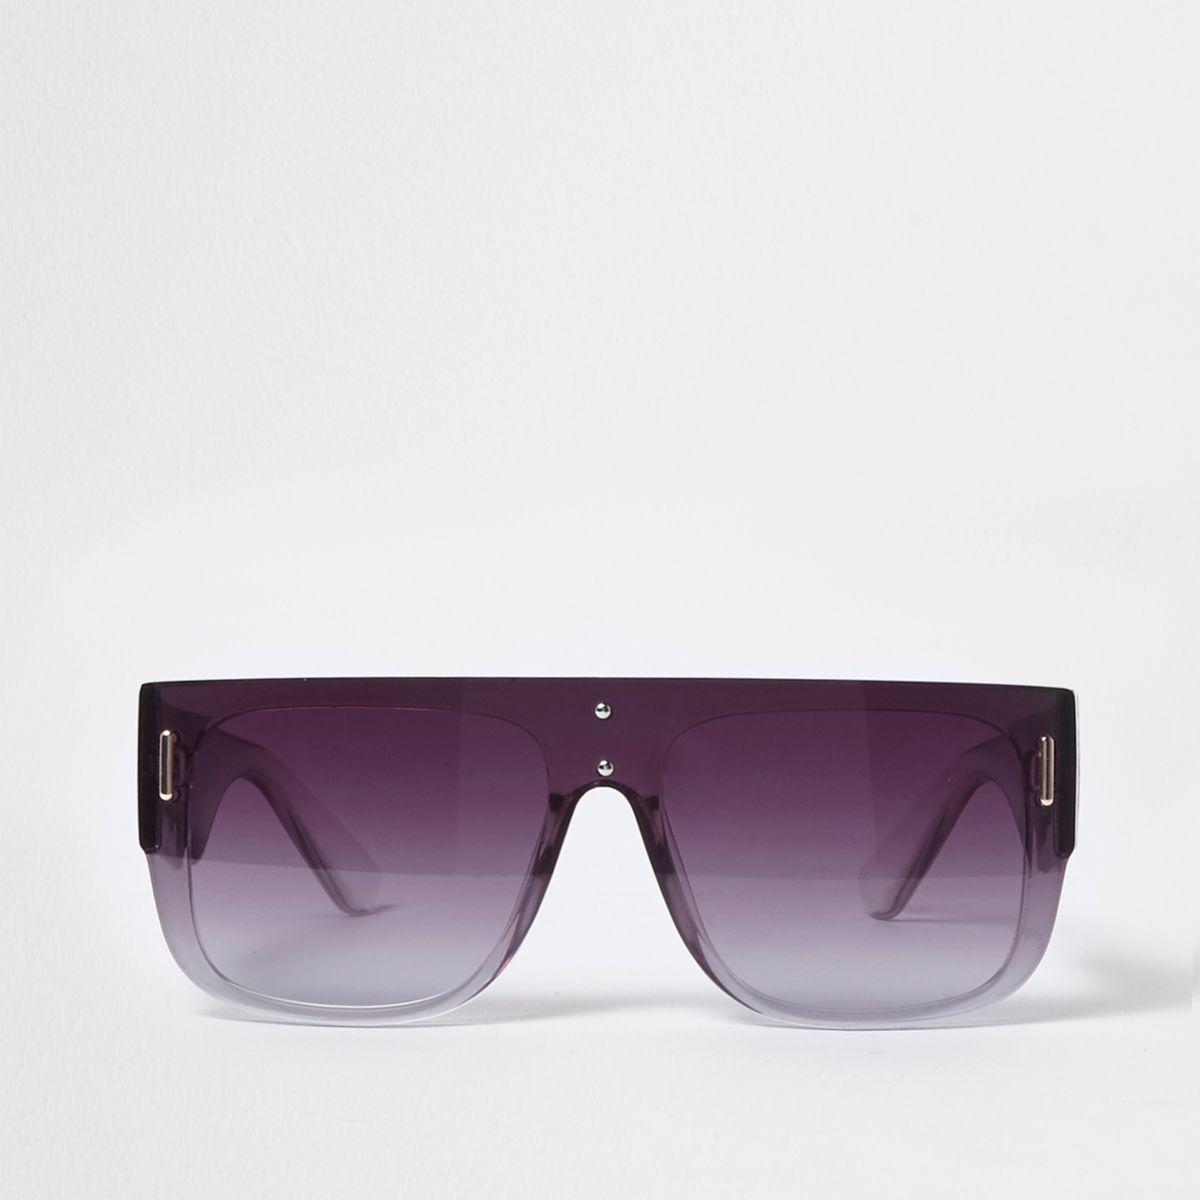 Zwarte zonnebril met platte bovenzijde en getinte glazen